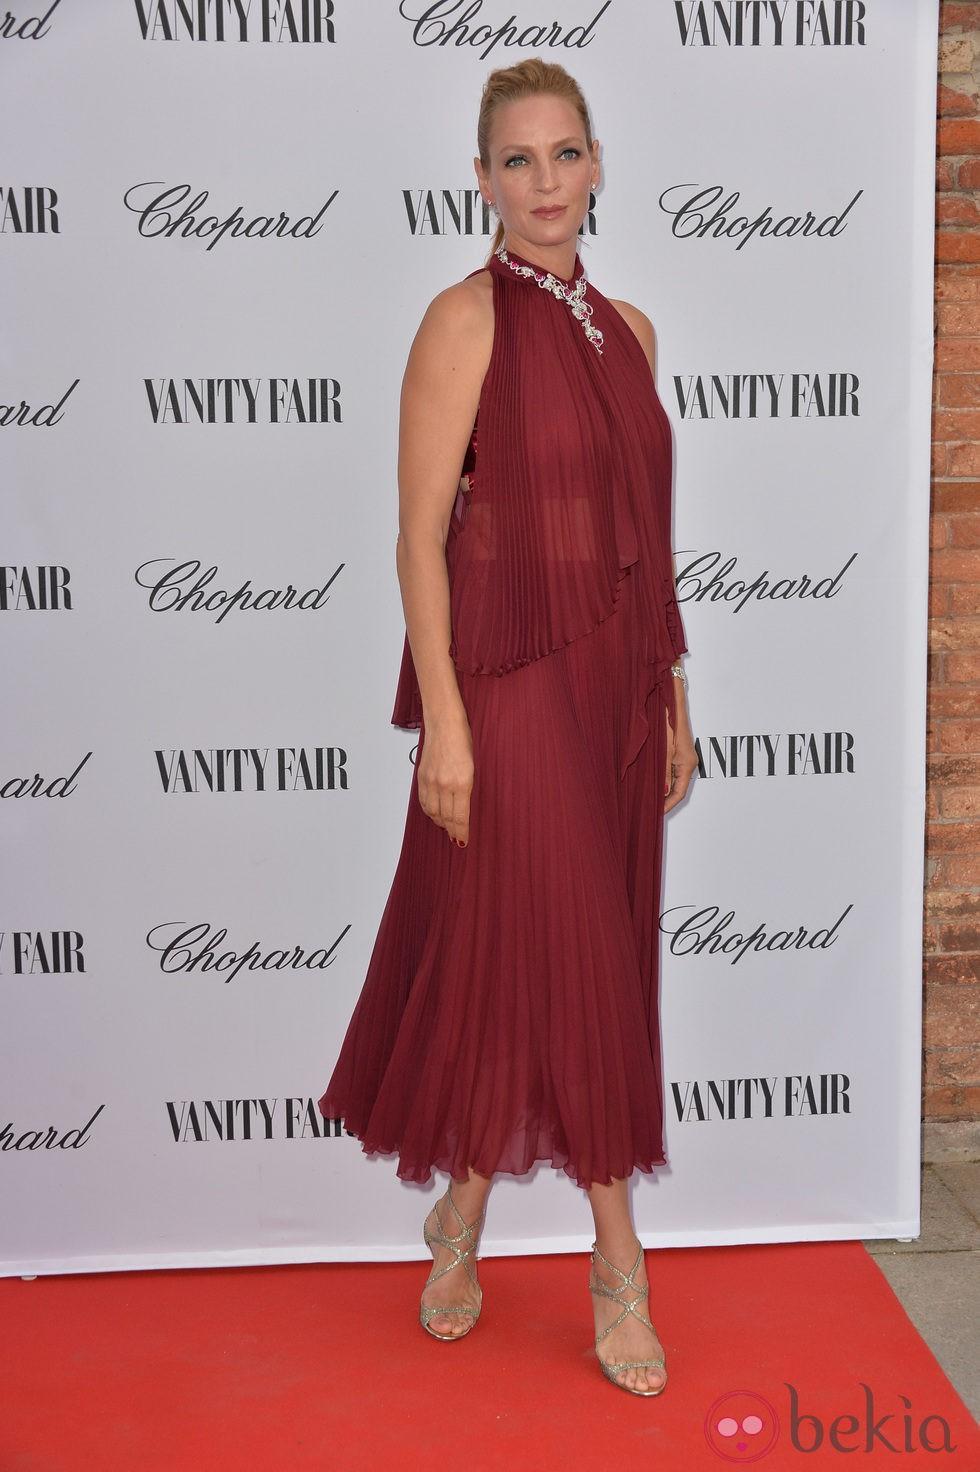 Uma Thurman en la fiesta organizada por Vanity Fair y Chopard en el Festival de Venecia 2014